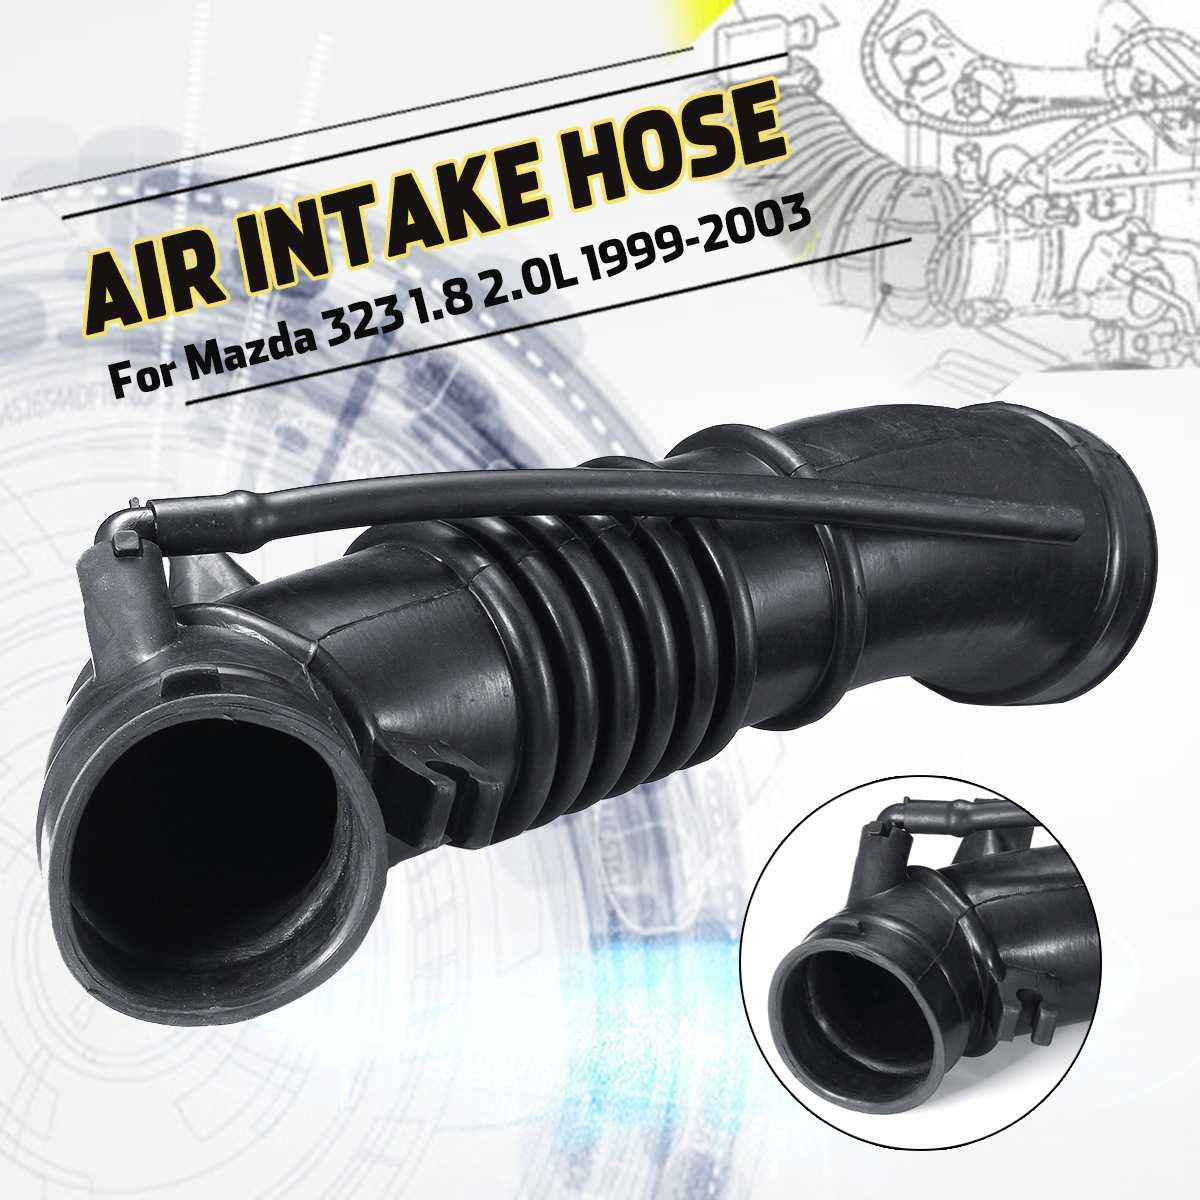 مشبع هواء سيارة خرطوم أنبوب أنبوب FP47-13-220A لمازدا premence 323 1.8 2.0L 1999-2003 Astina BJ لفورد ليزر KN KQ